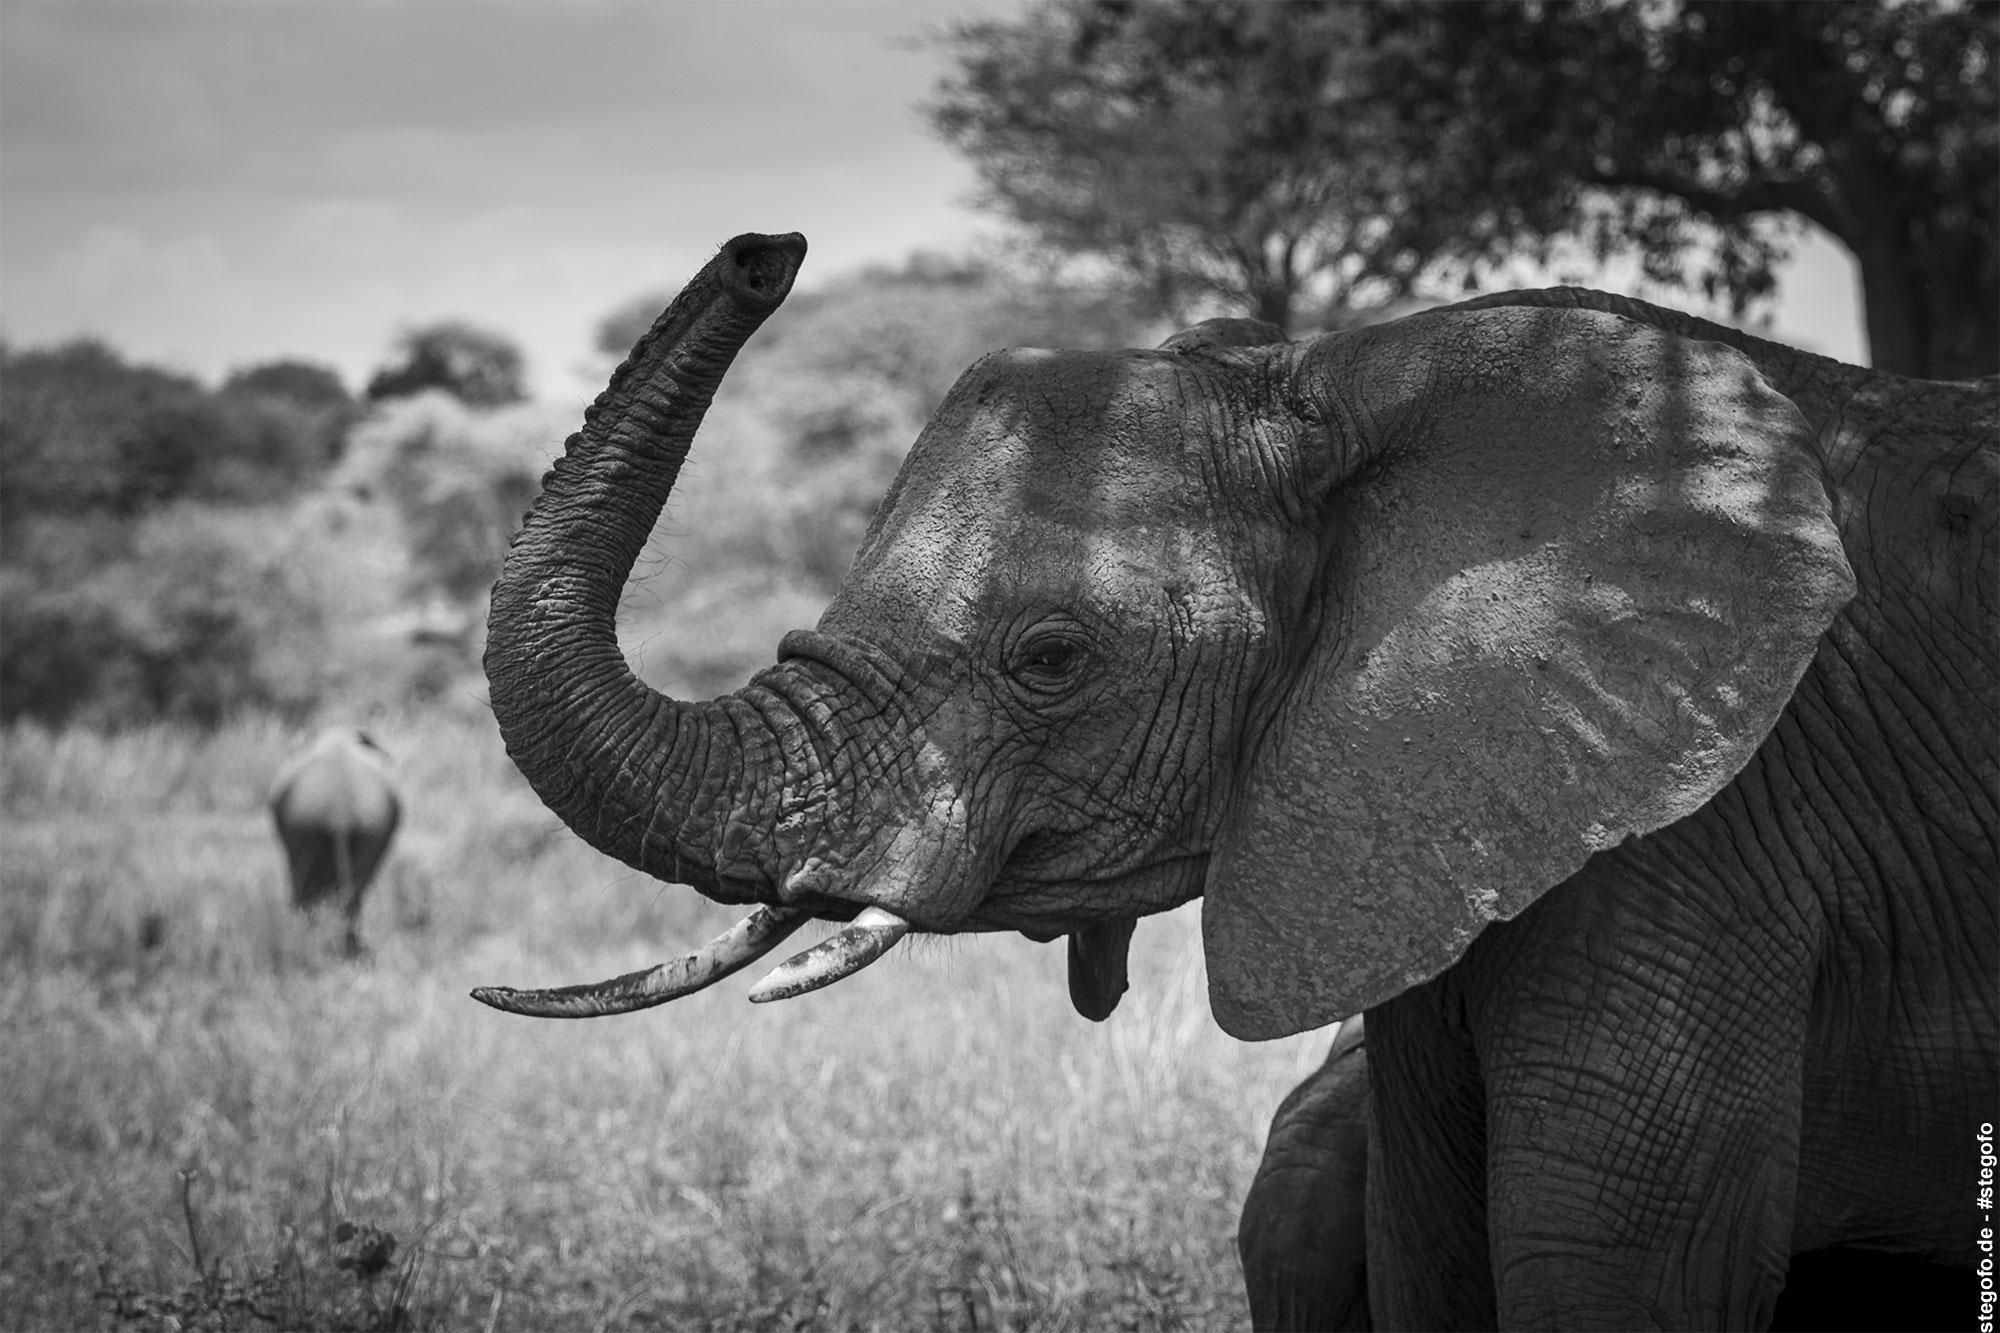 Der Elefant im Schatten